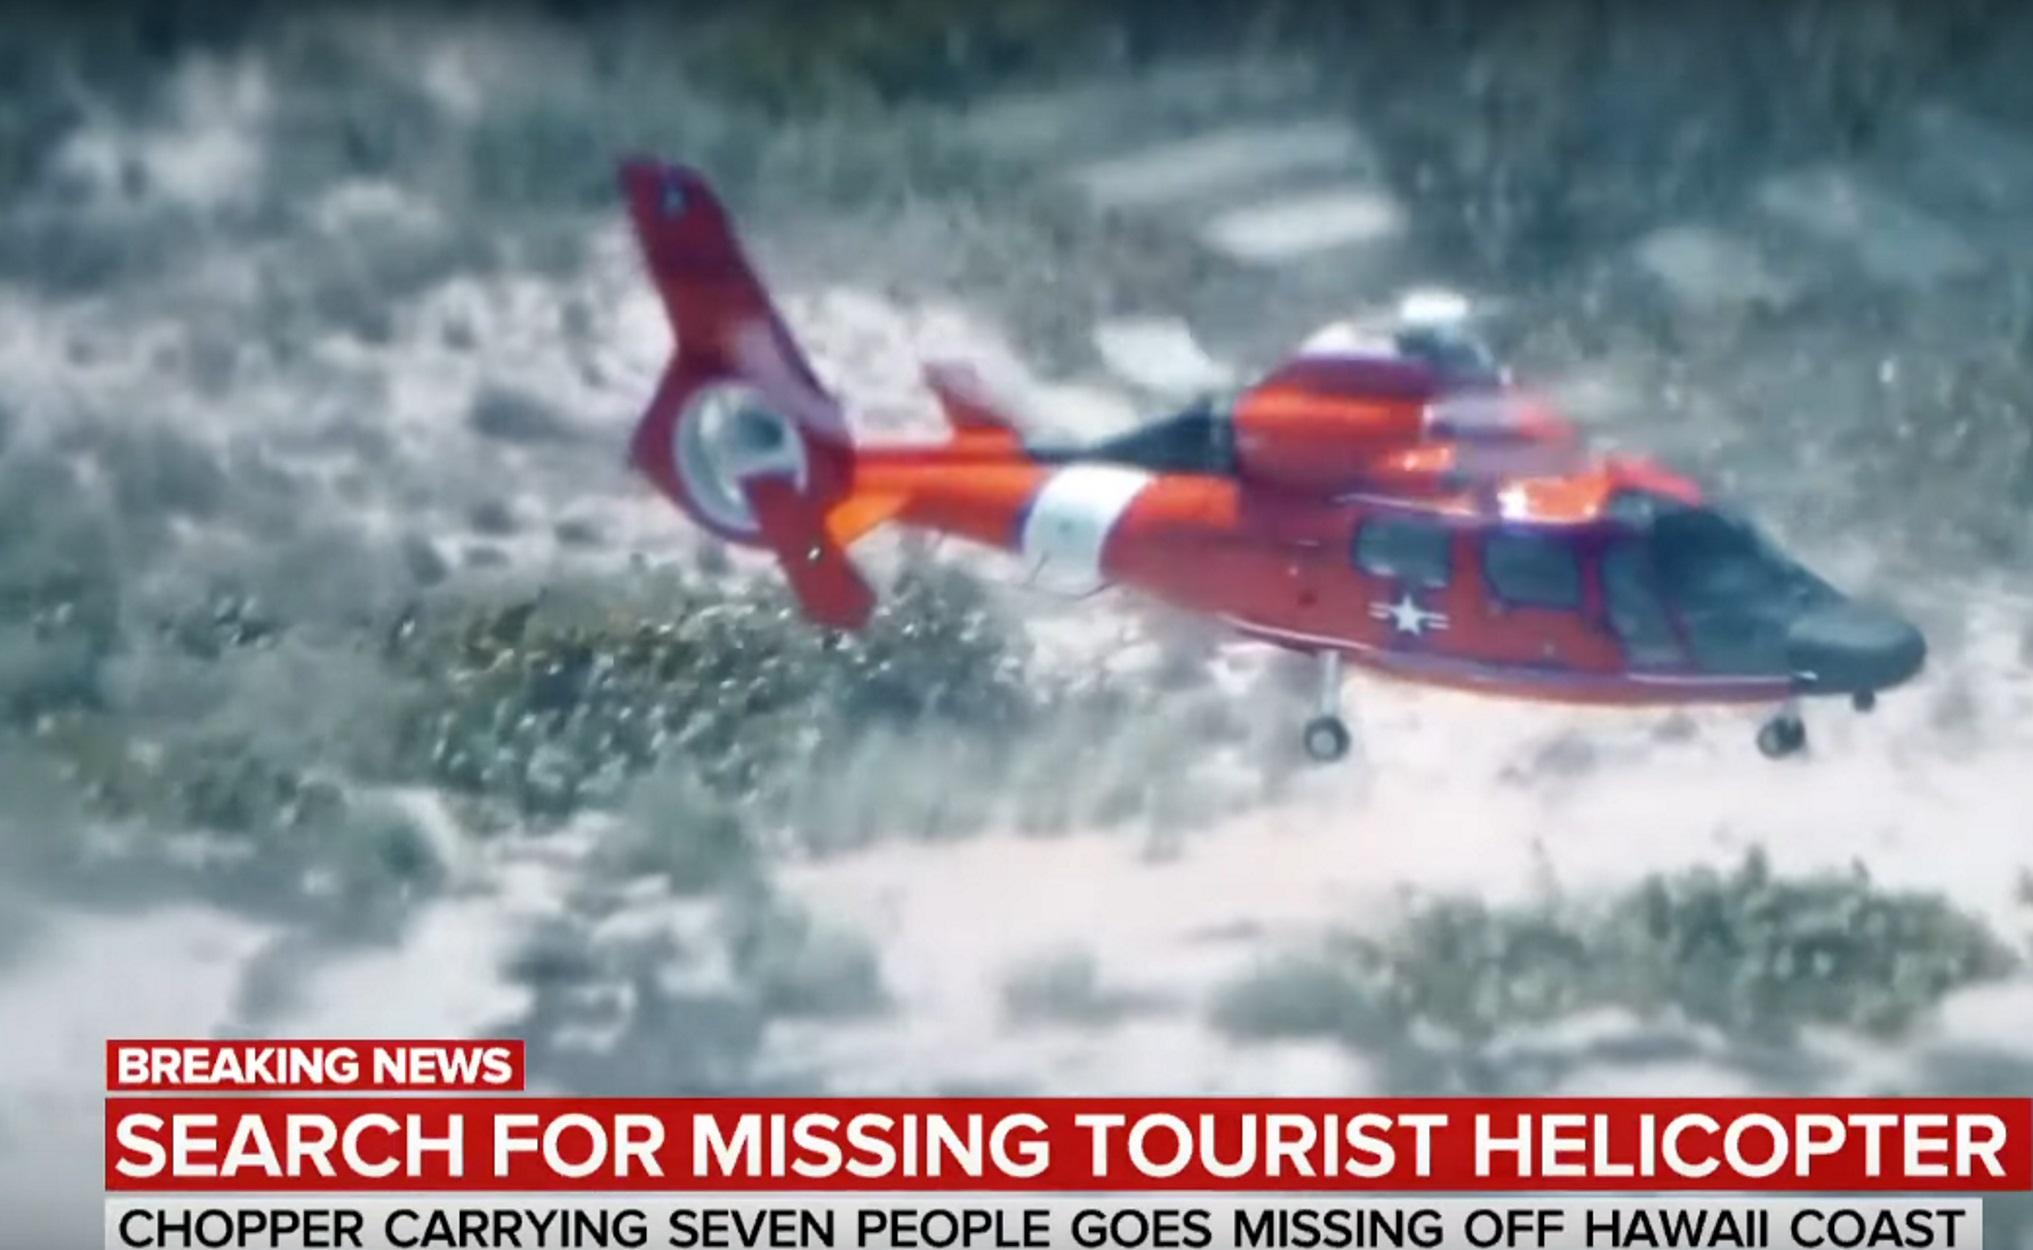 Χάθηκε ελικόπτερο με 7 επιβαίνοντες ανάμεσά τους και παιδιά! [video]